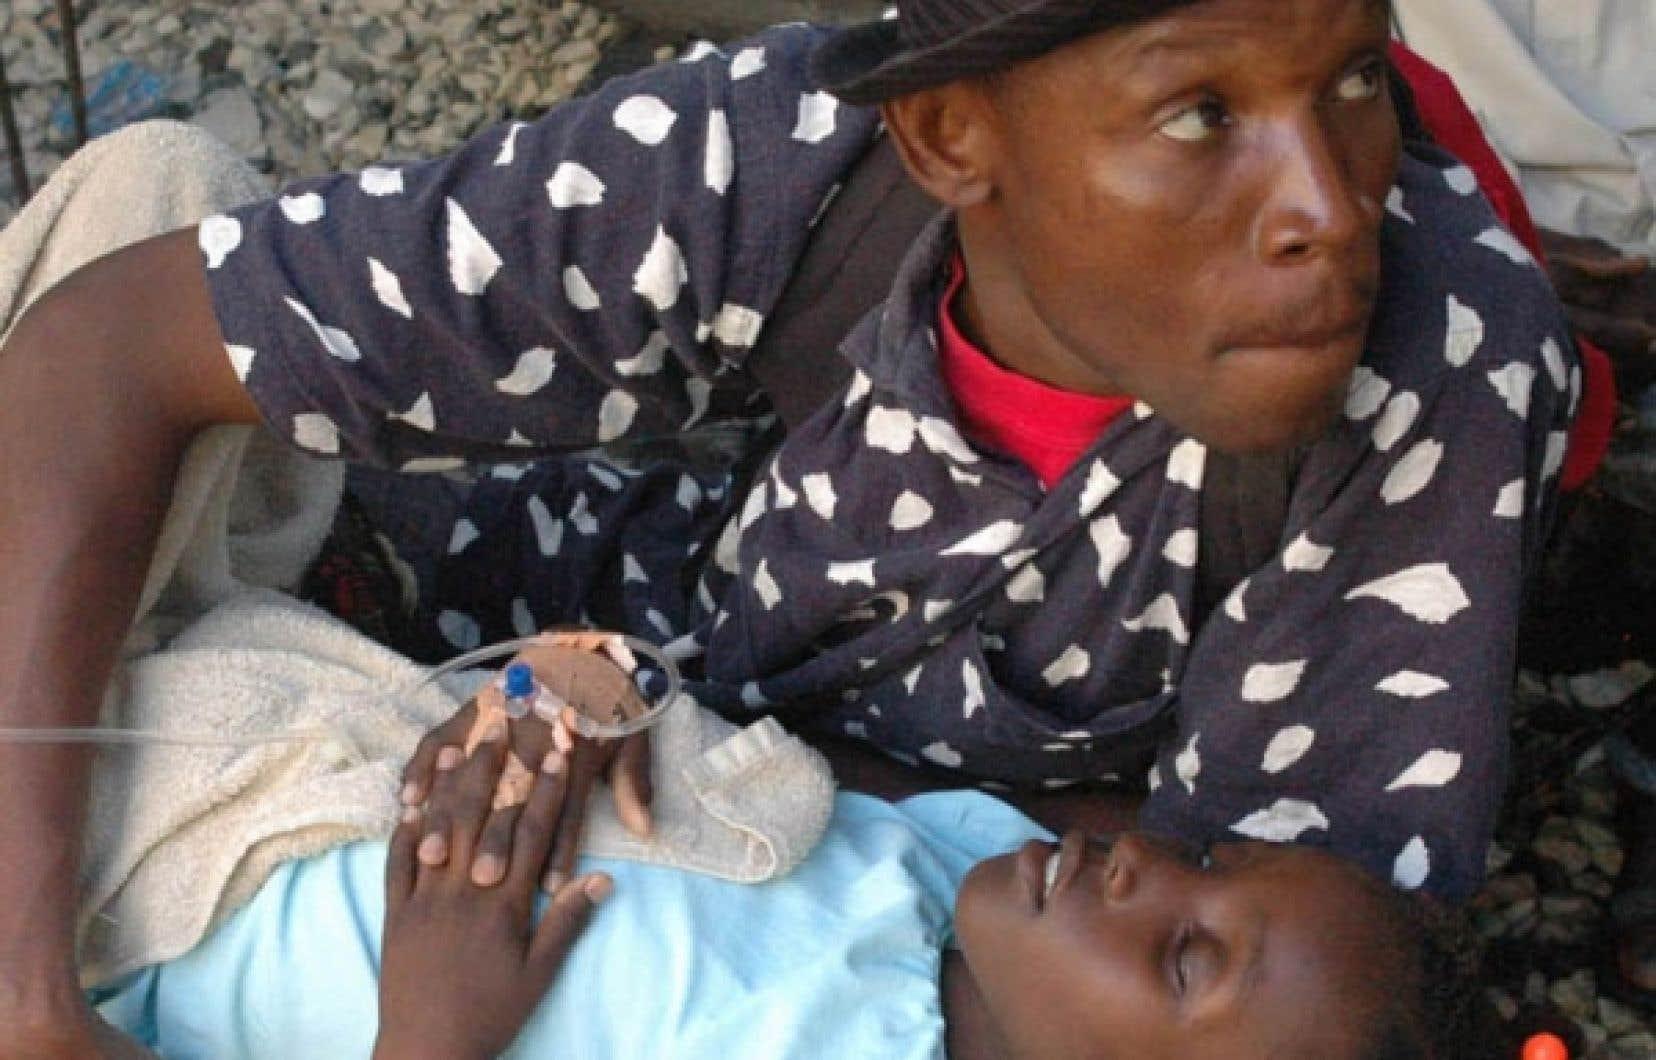 Près de 17 000 personnes ont été hospitalisées depuis le début de l'épidémie.<br /> <br />